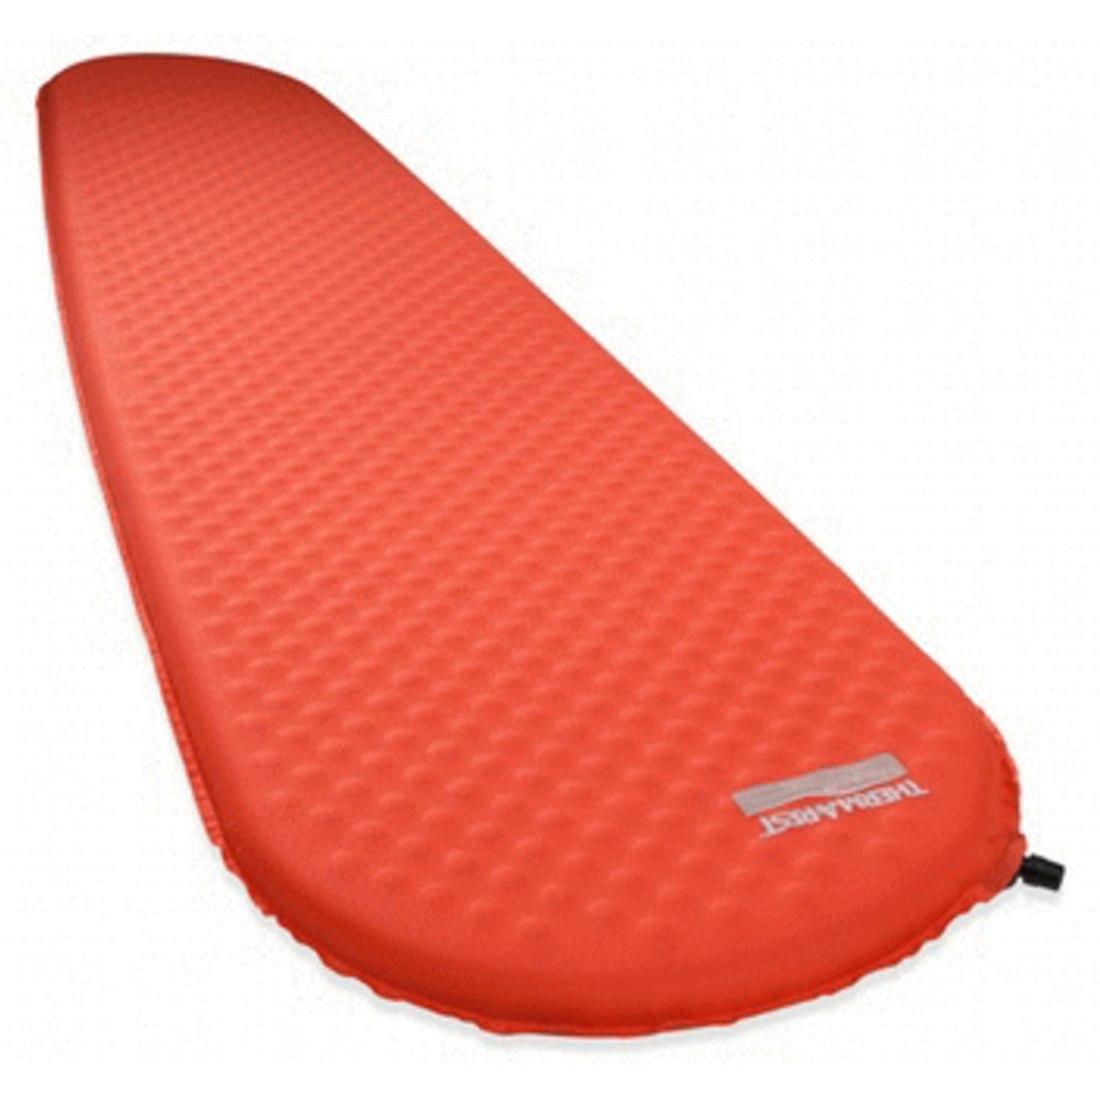 サーマレスト プロライトプラスL 自動膨張式マットレスLラージ  国内正規品 30790